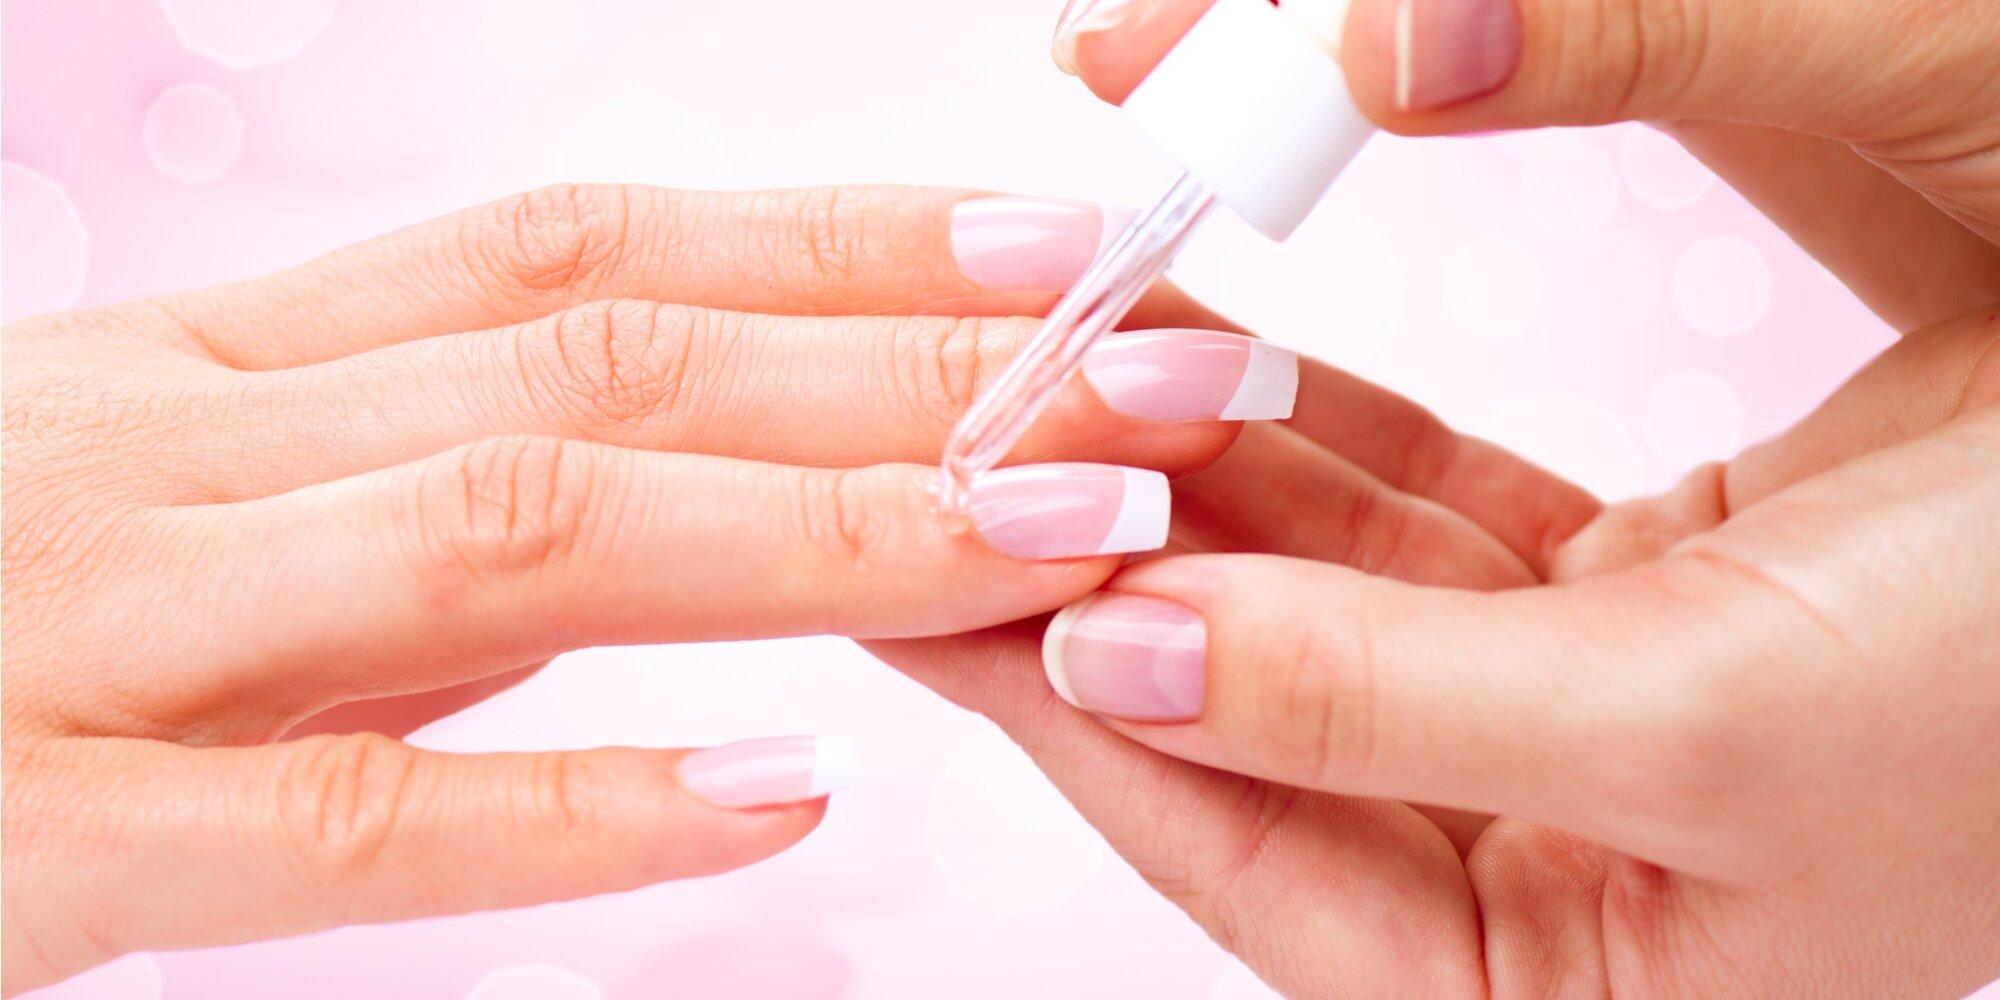 Ногти как показатель здоровья фото